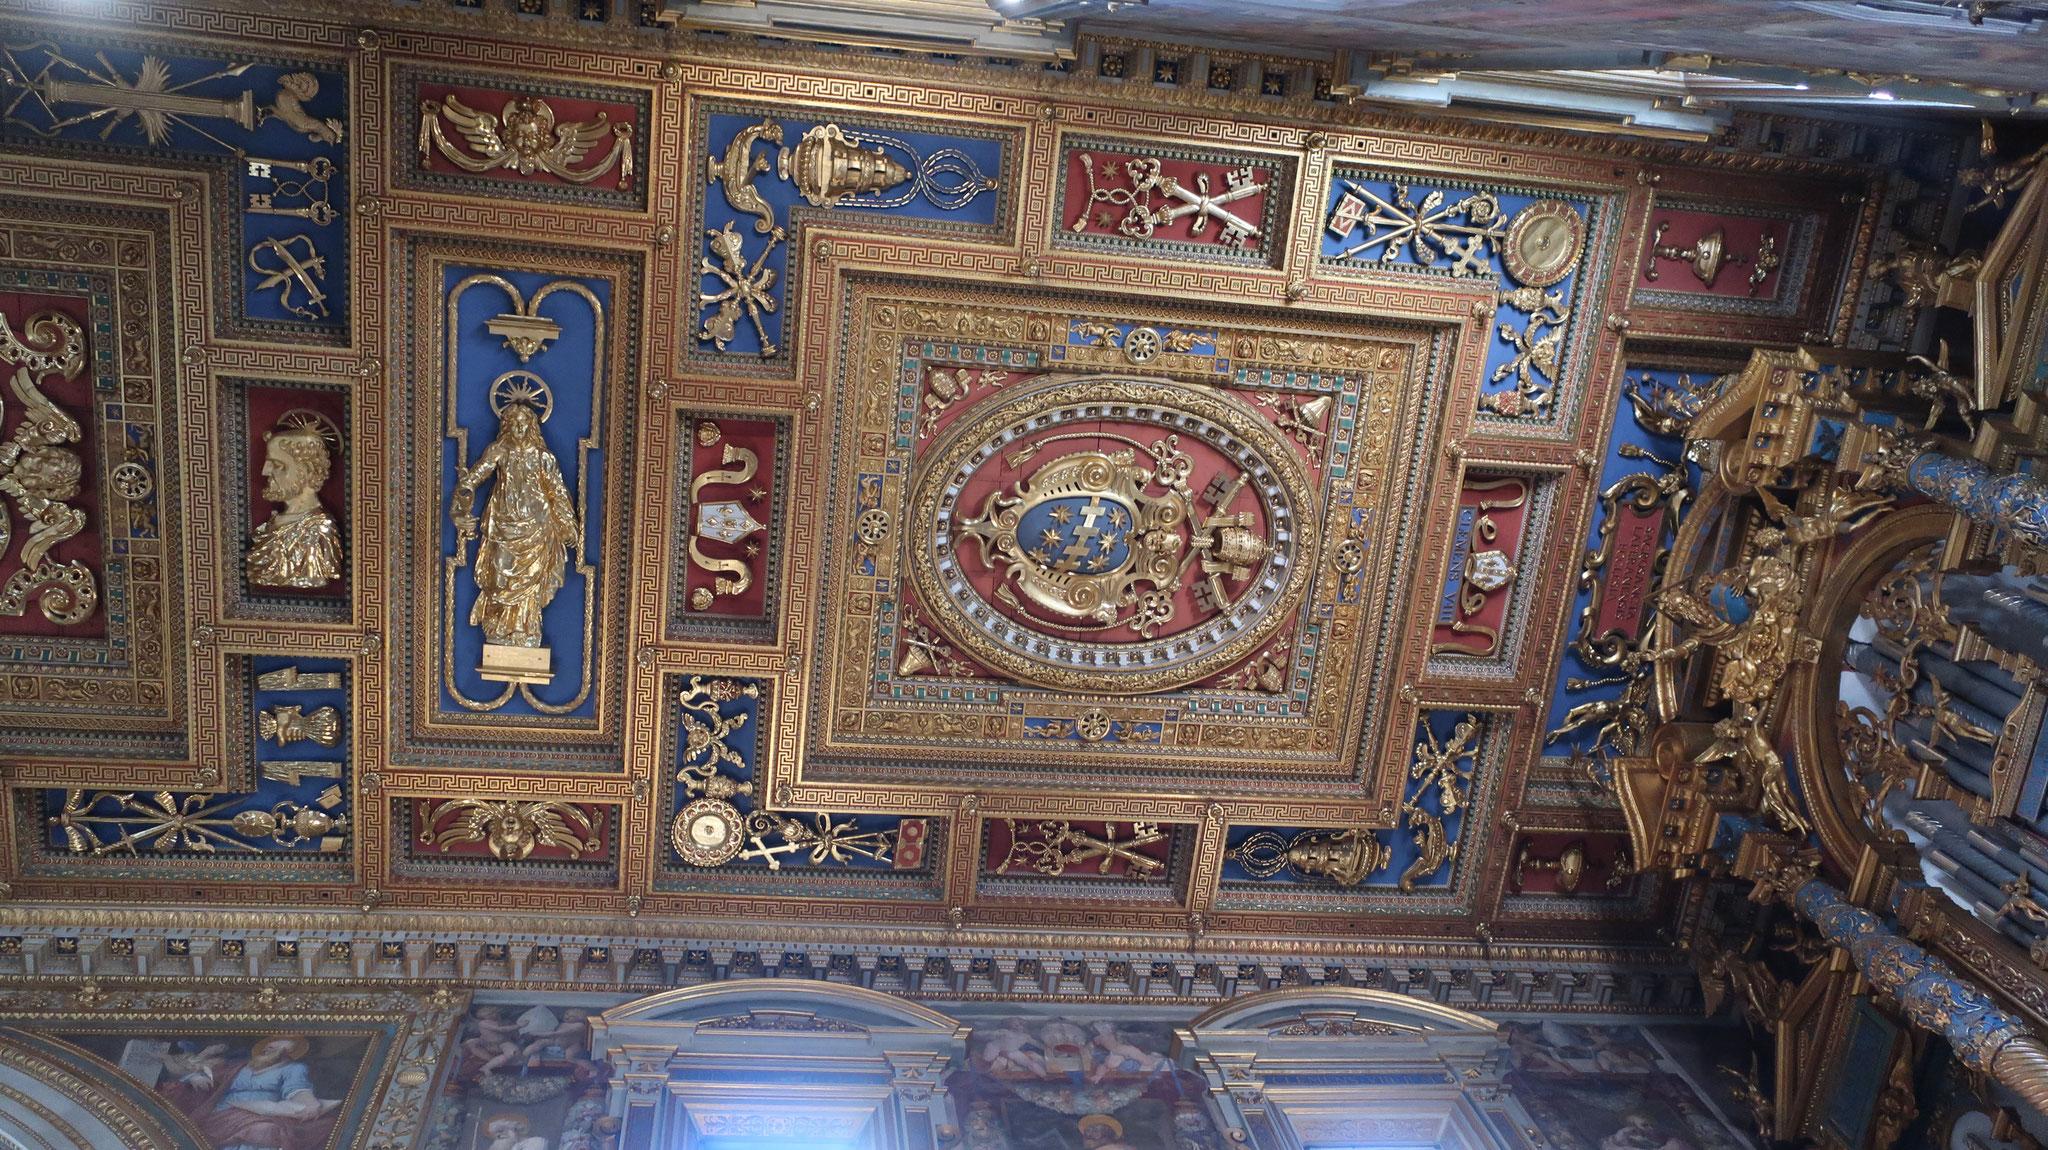 挌間模様の豪華な天井。16世紀後半バロック時代の代表作。